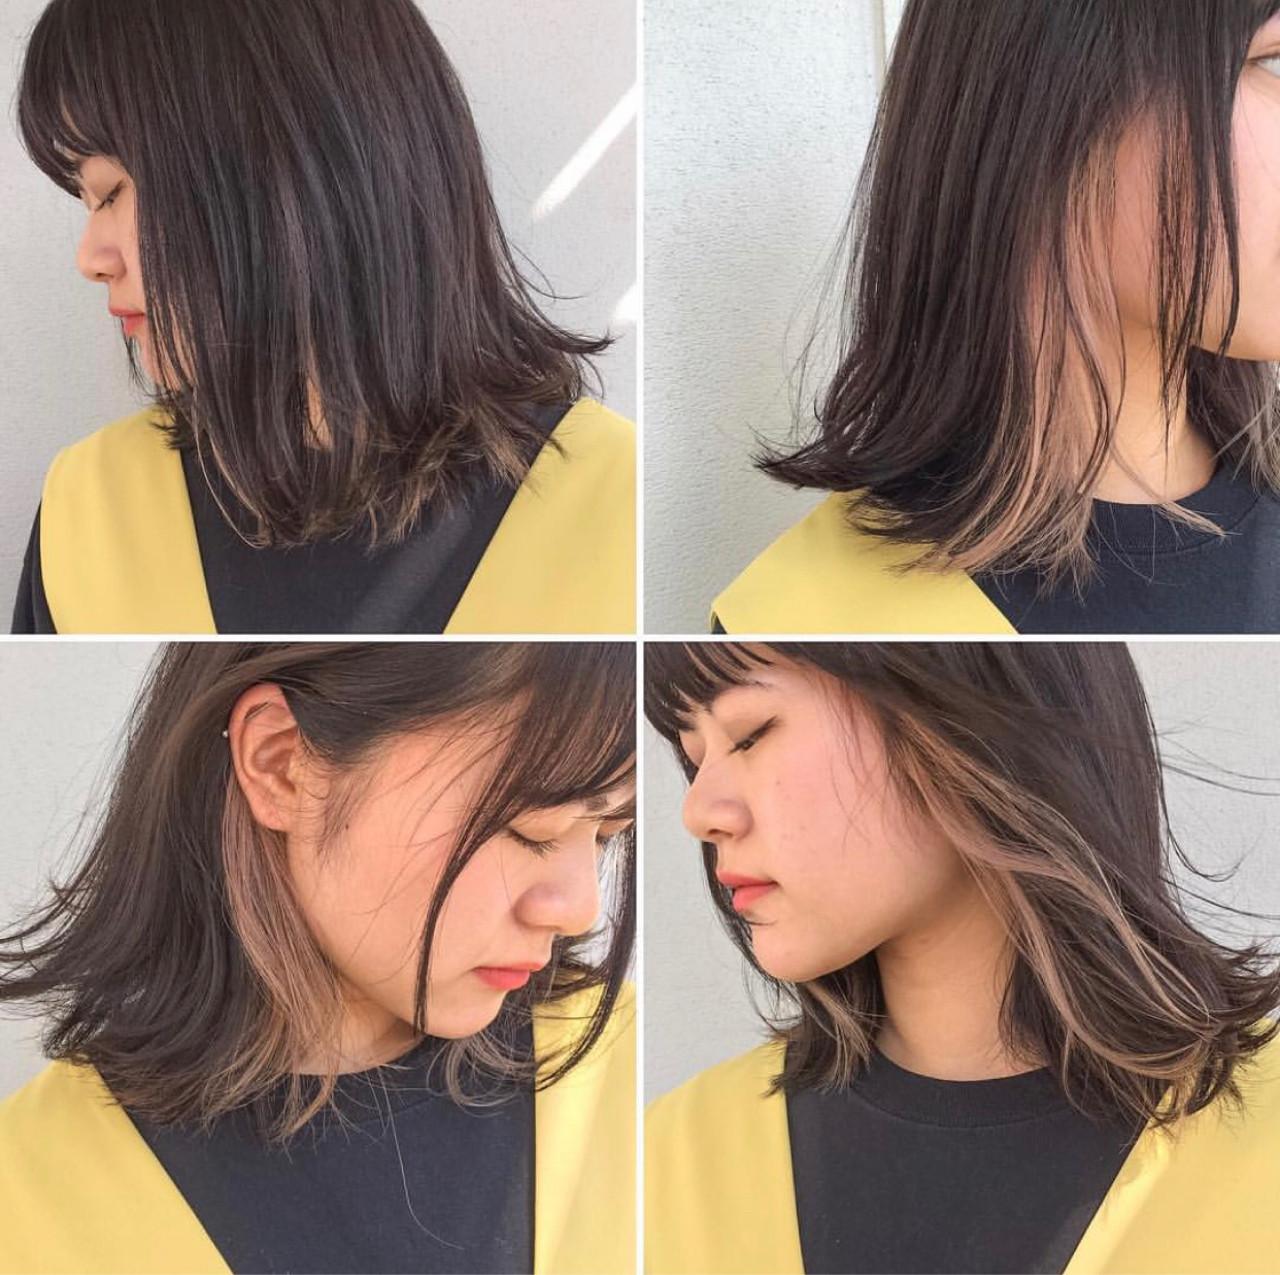 ロブ フリンジバング ハイライト インナーカラー ヘアスタイルや髪型の写真・画像